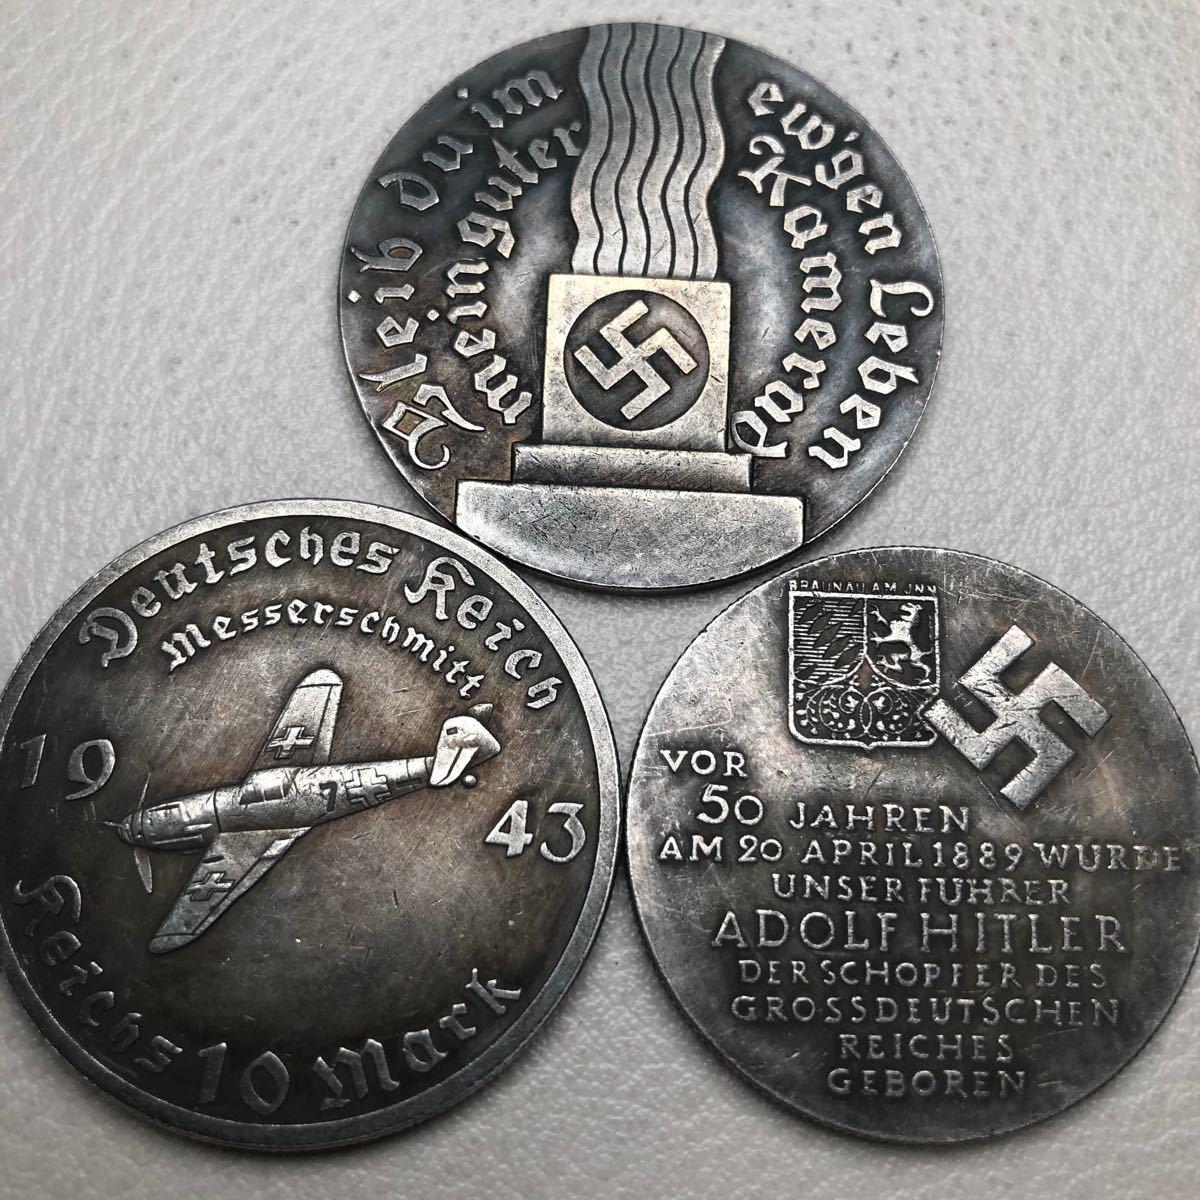 ナチス ドイツ マーク